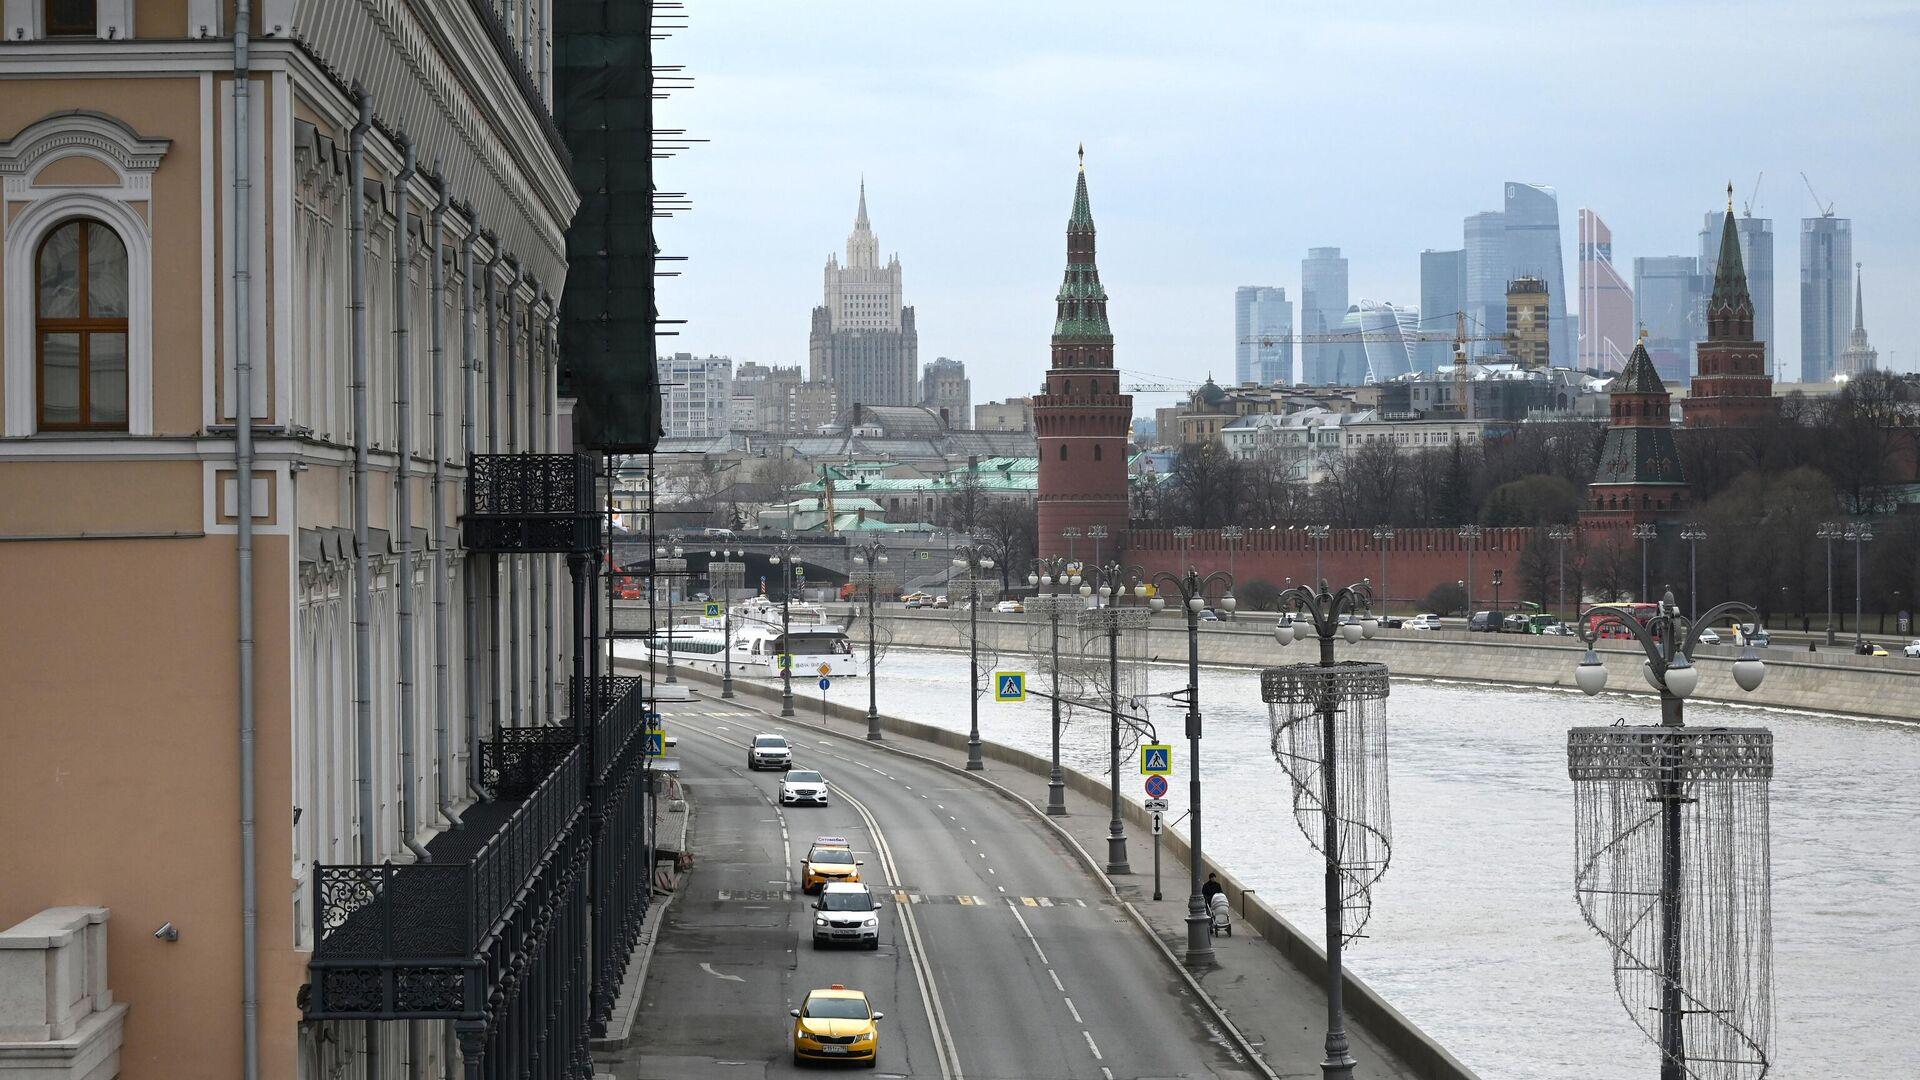 Софийская набережная в Москве - РИА Новости, 1920, 08.04.2021